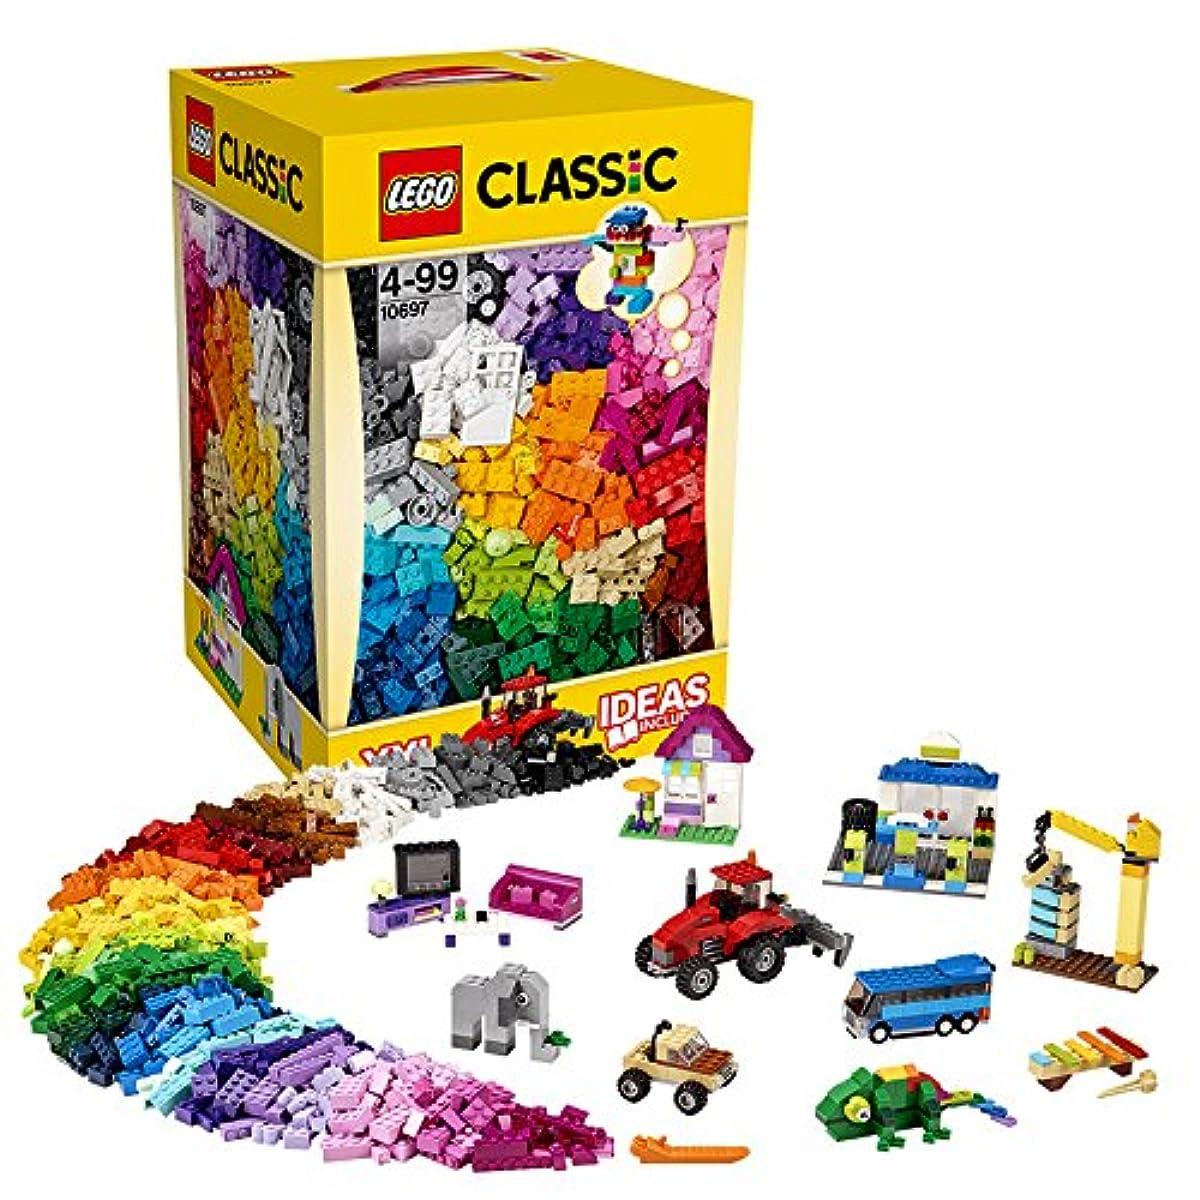 [해외] 레고 클래식 10697 크리에이티브 박스<XXL>-10697